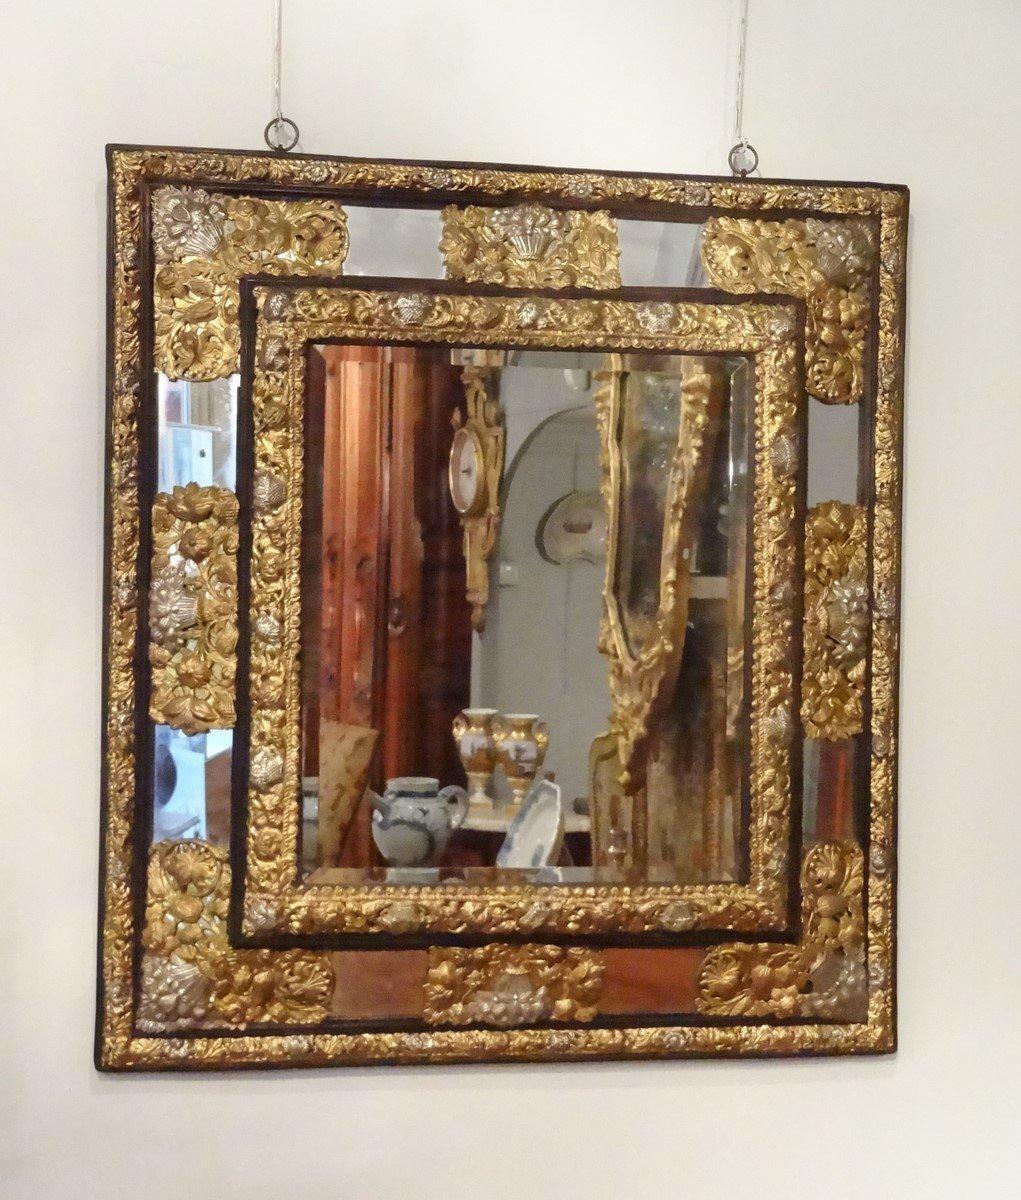 Miroir louis xiii parceloses en cuivre dor et argent d for Miroir louis xiii